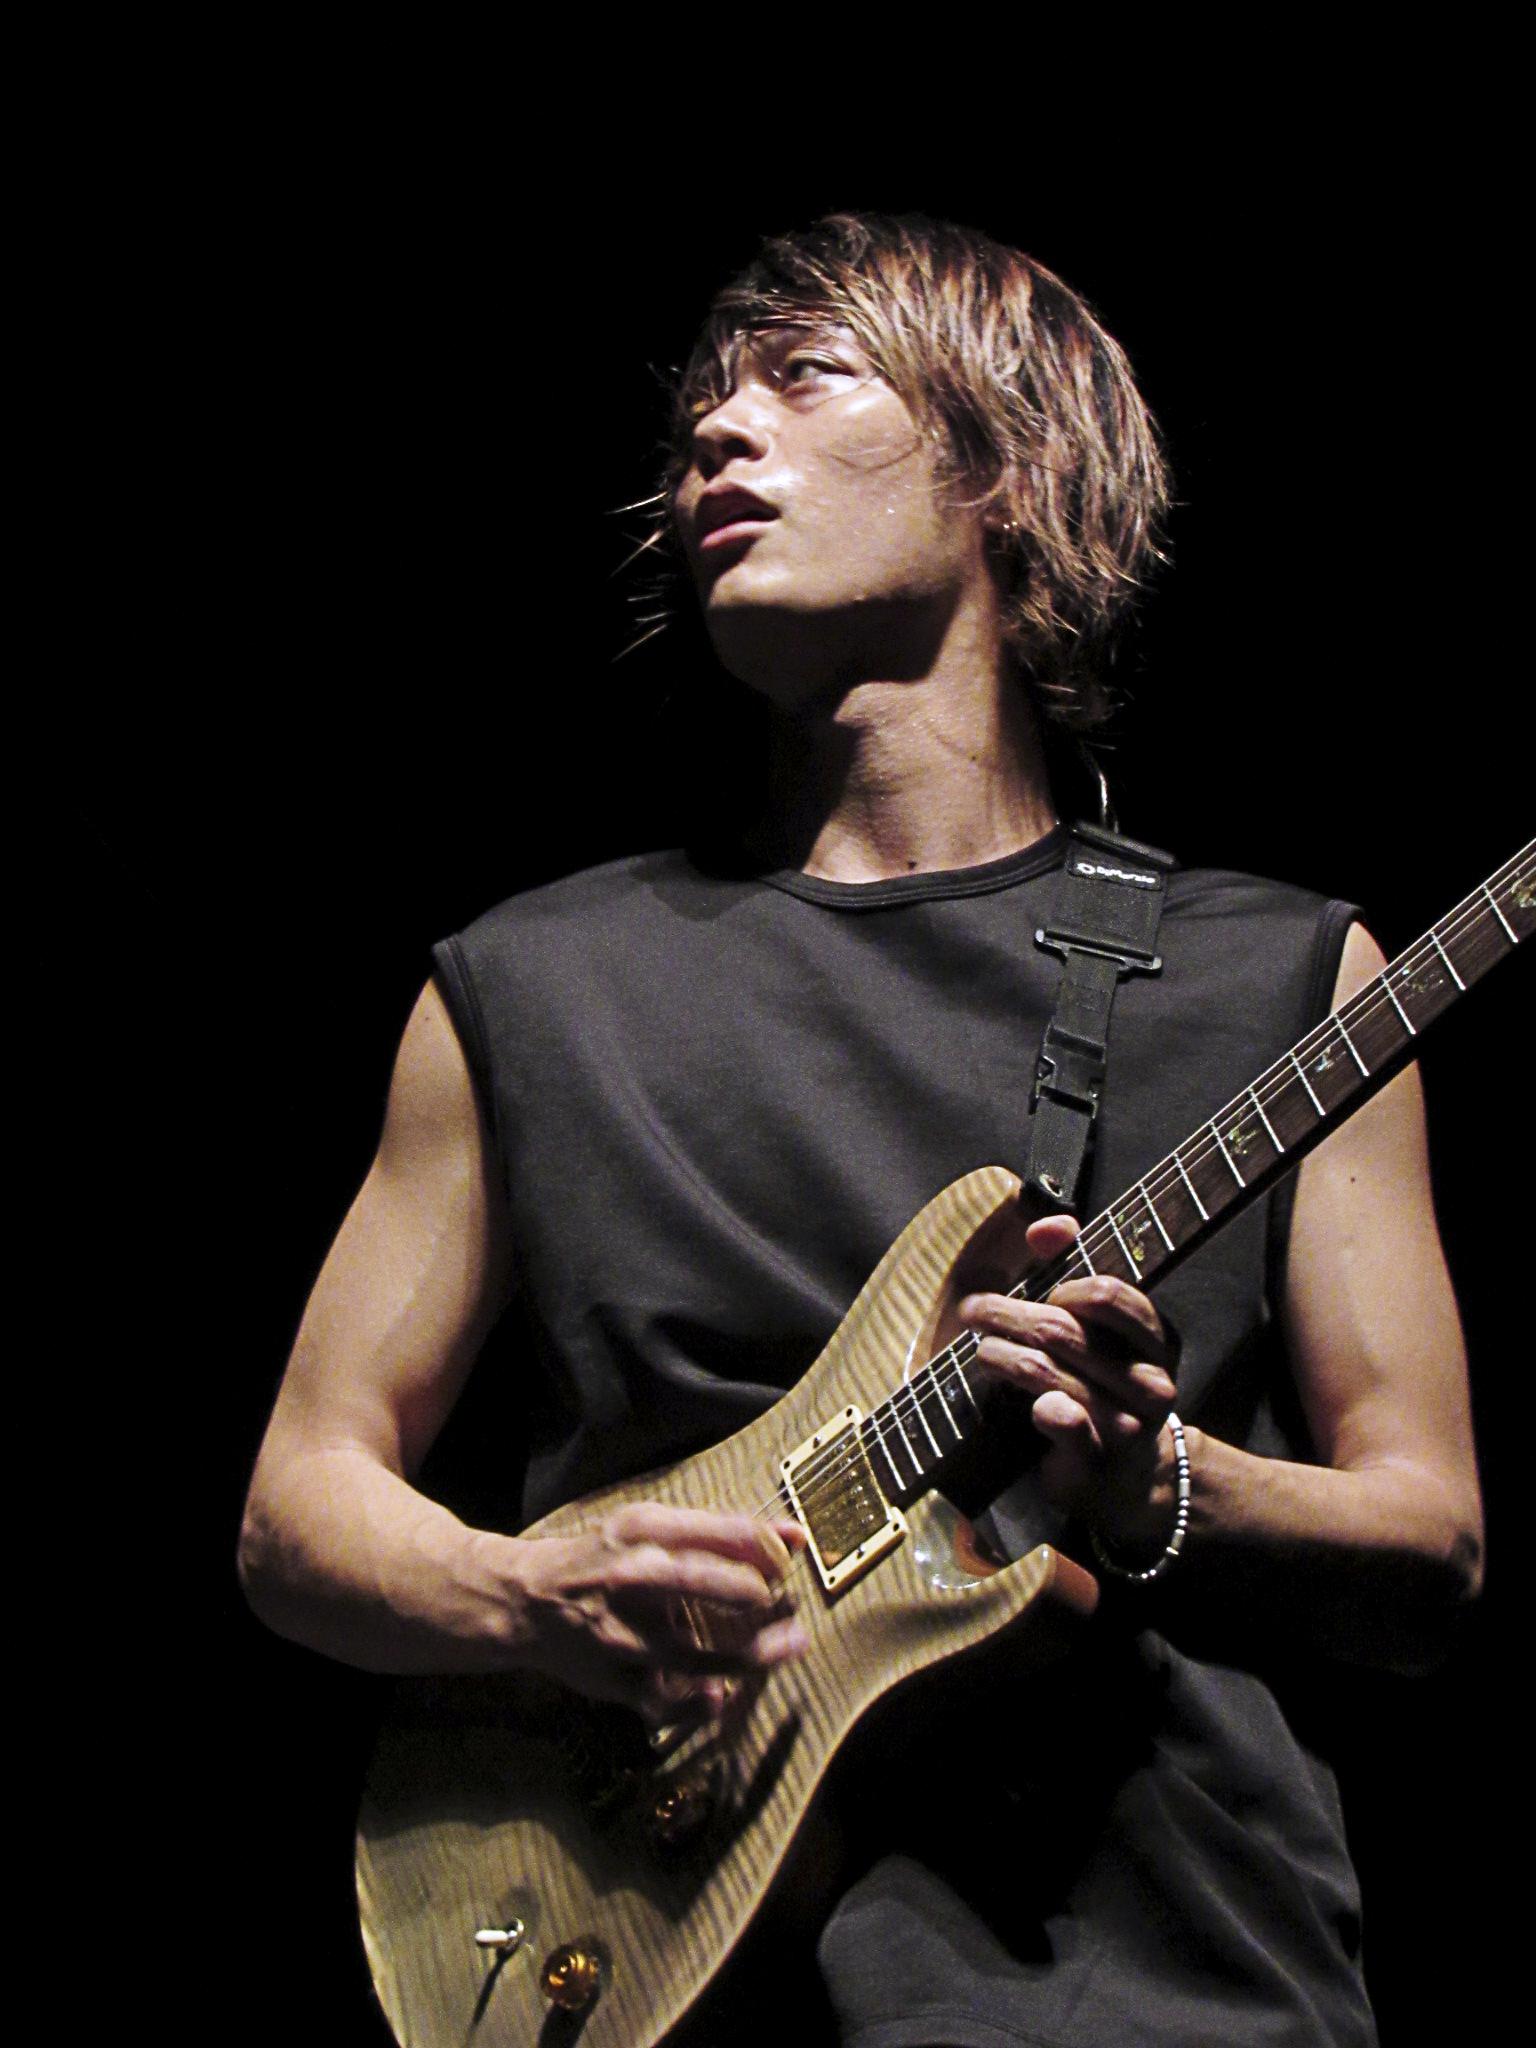 Toru Yamashita of One Ok Rock